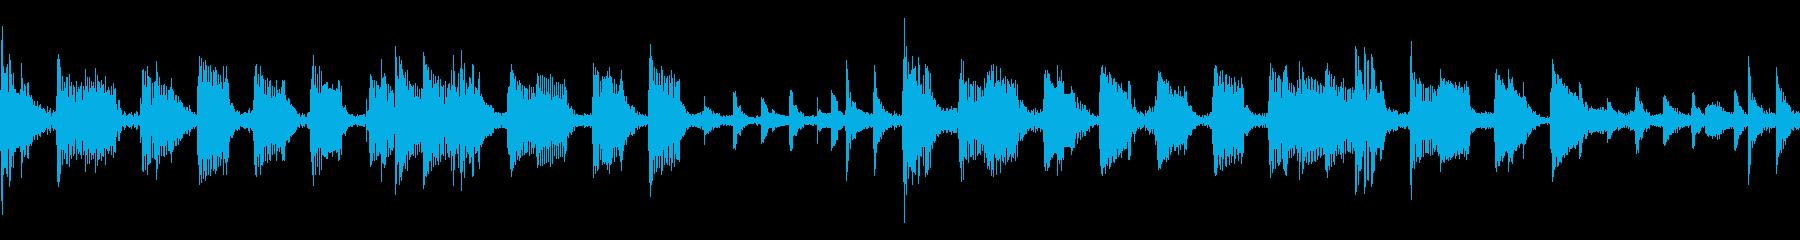 4つ打ちベースメインのループ素材の再生済みの波形